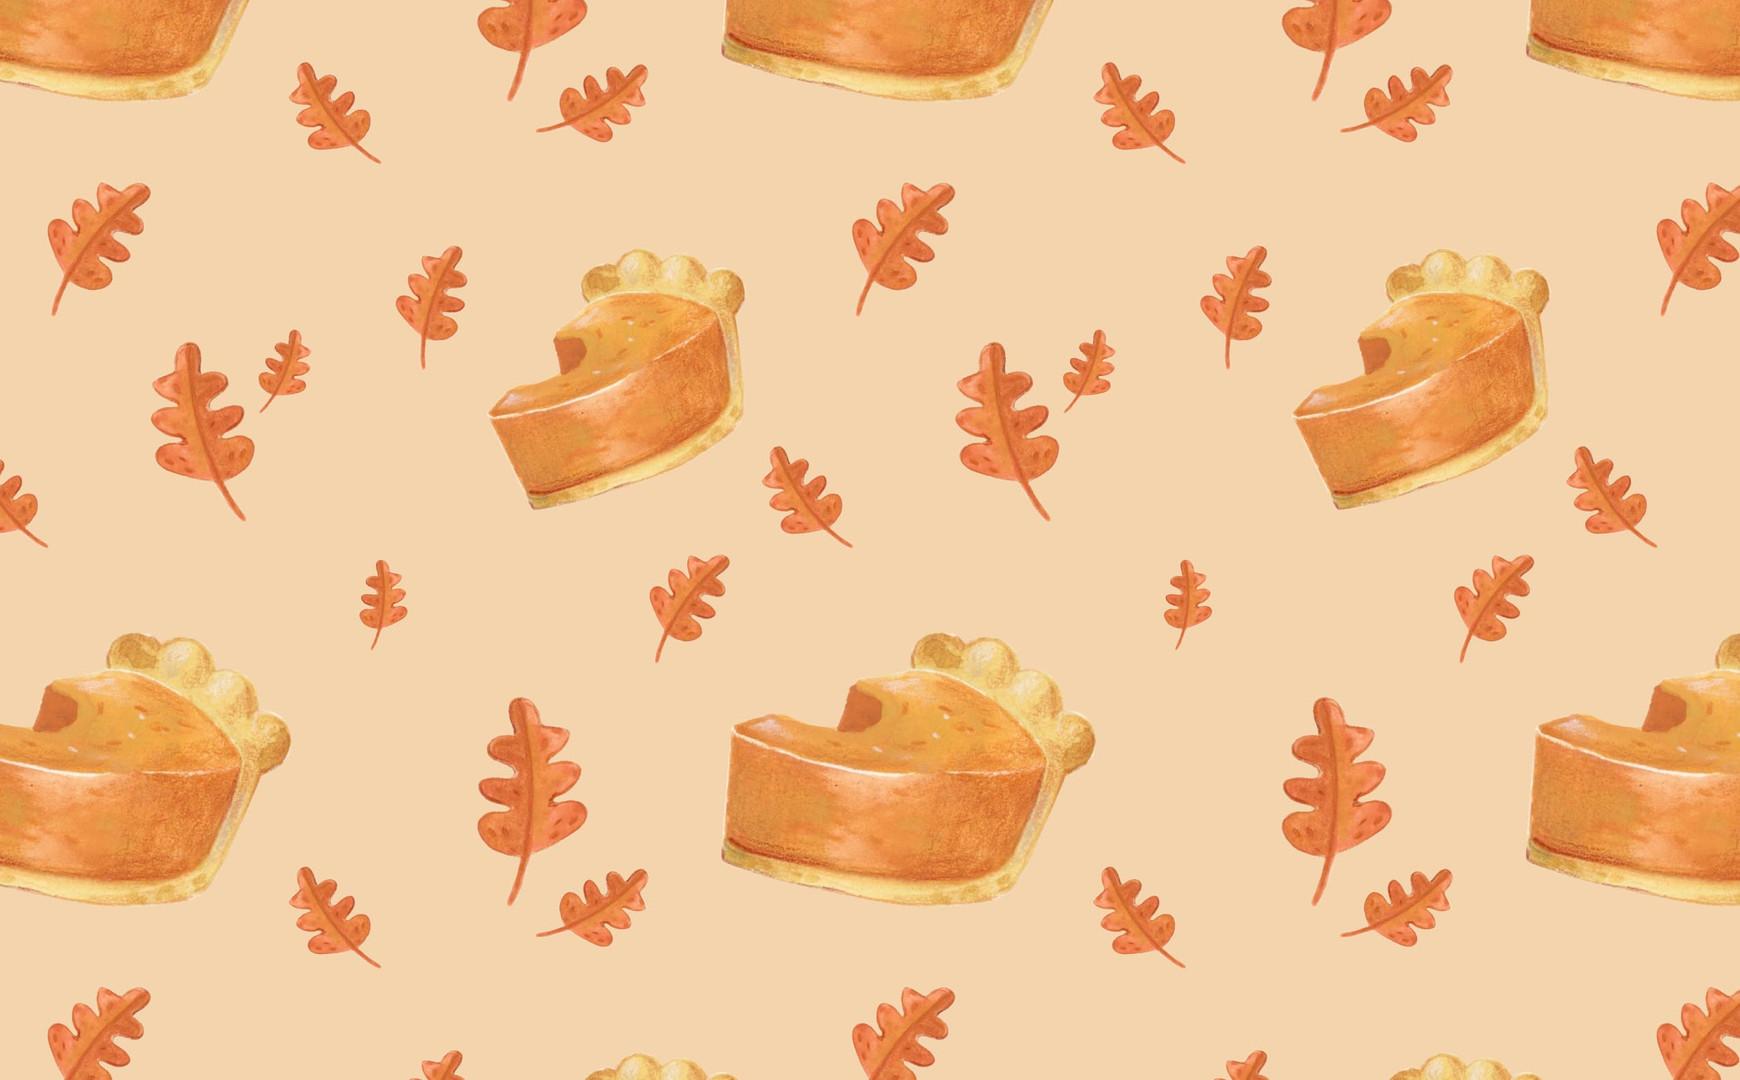 pumkin pattern_2.jpg